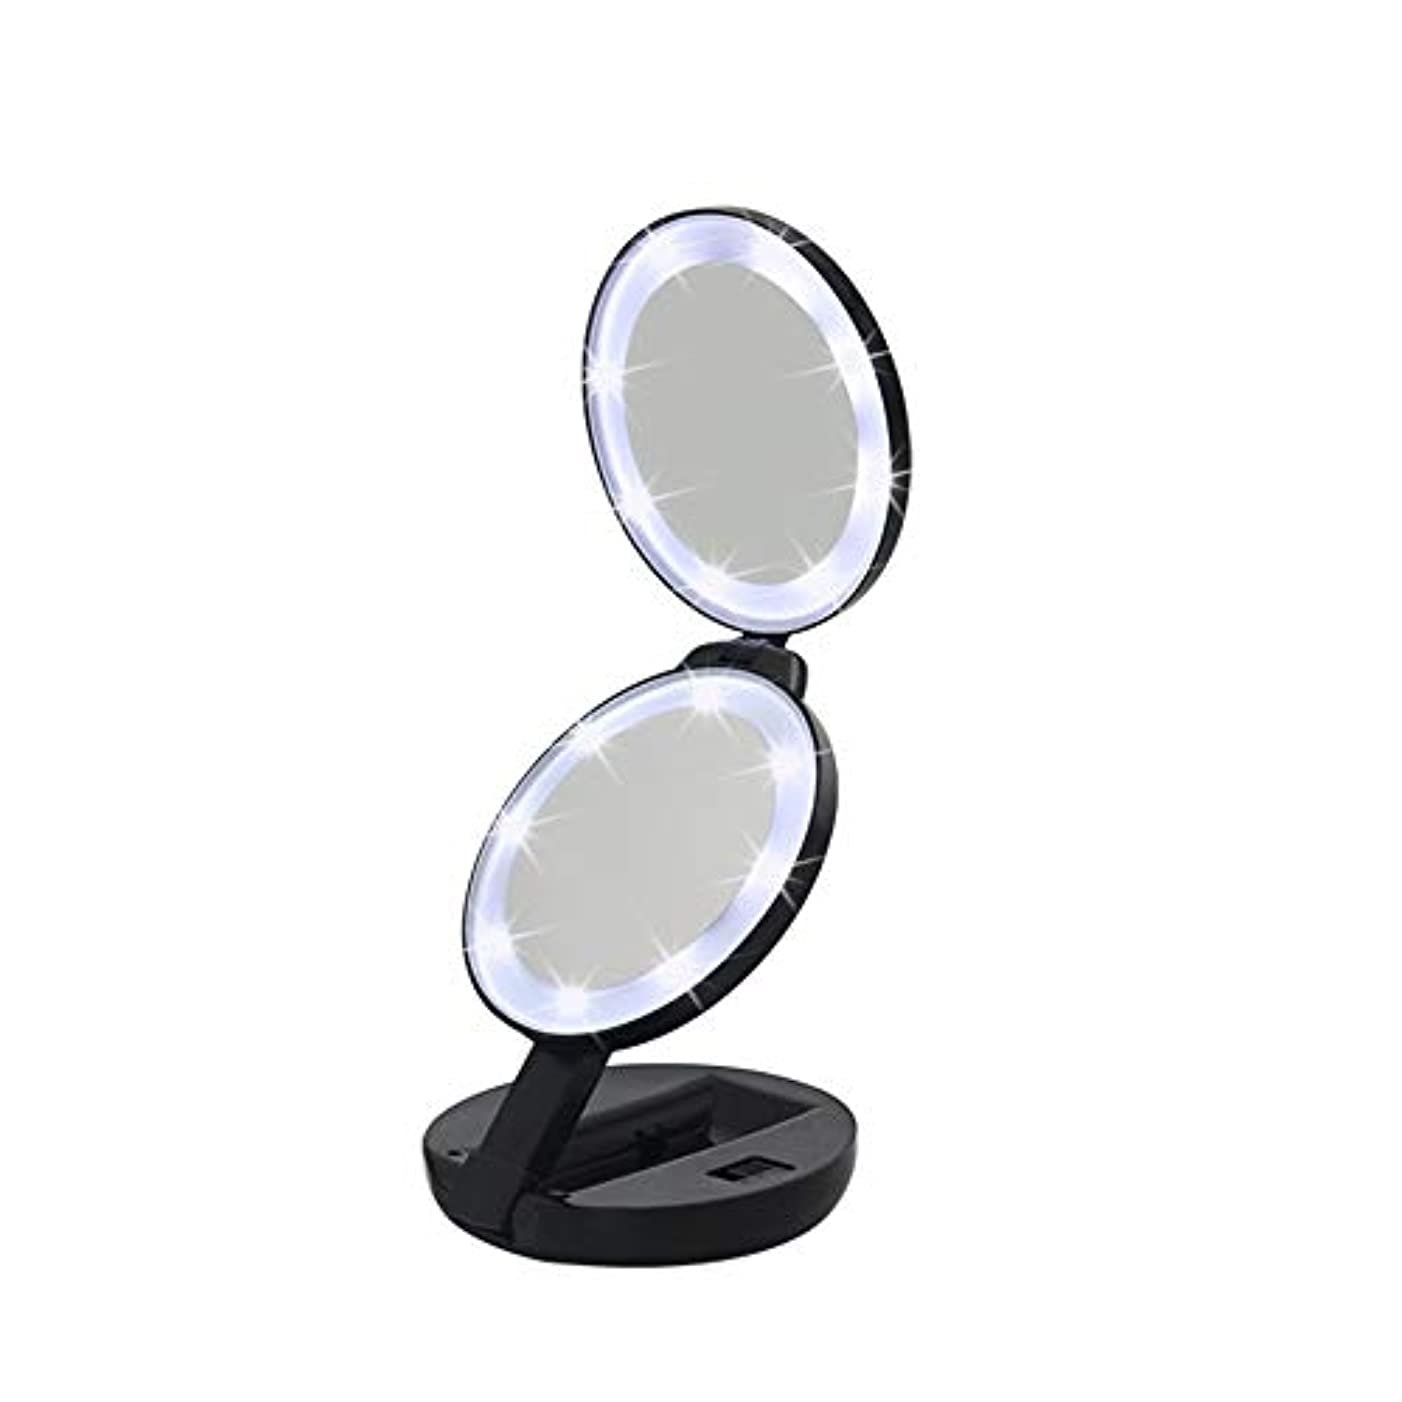 ビュッフェネットボーダー流行の 新しいラウンド三つ折りLEDフィルライト化粧鏡ABS素材虫眼鏡ハンドヘルド美容ミラーブラック